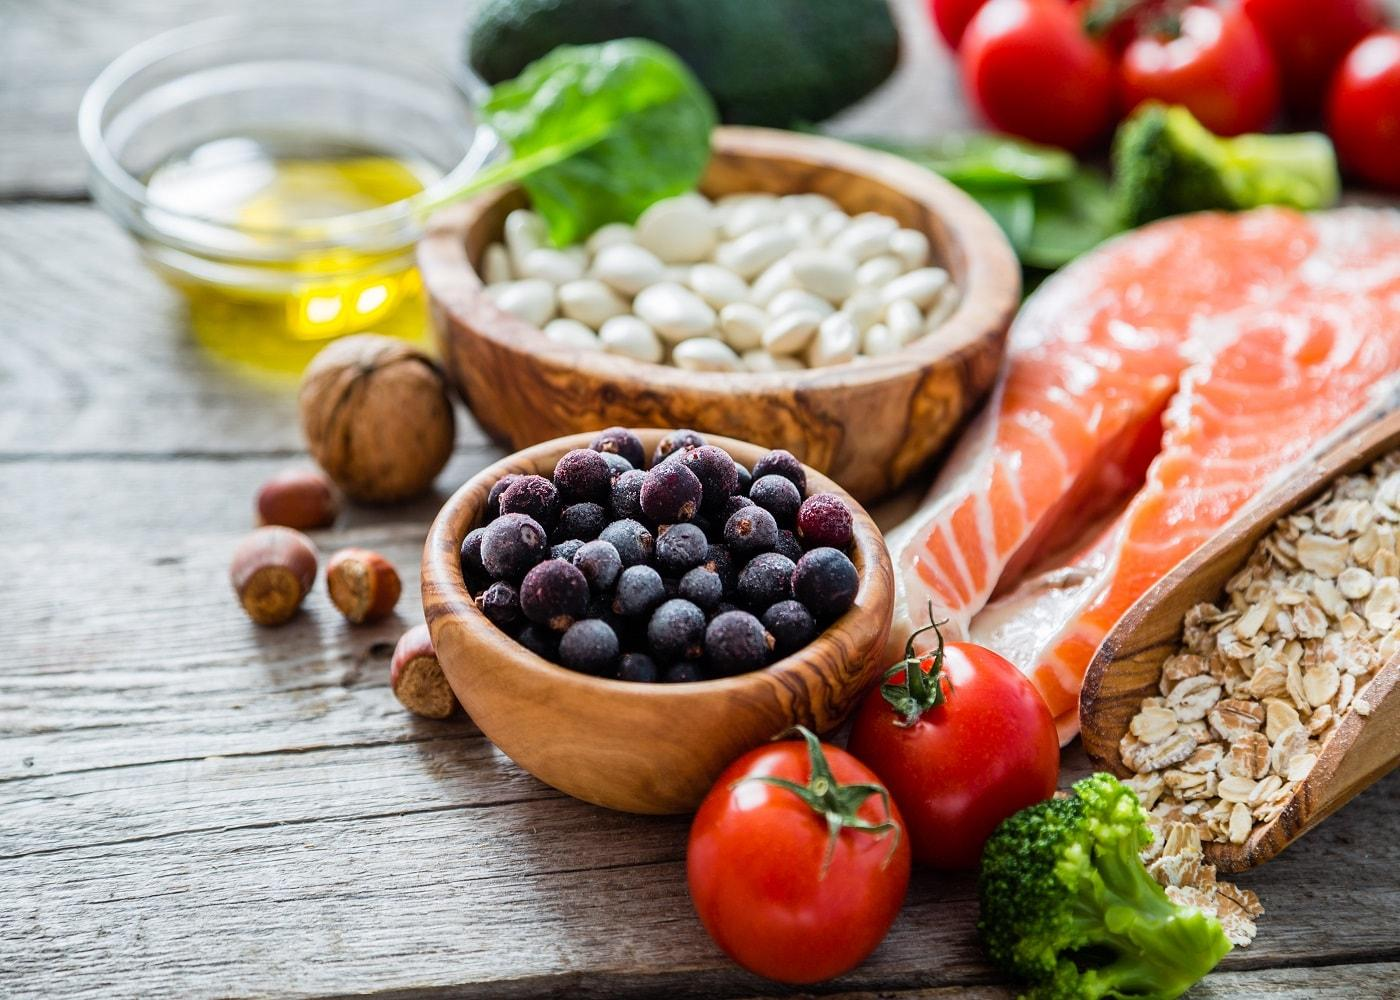 8 loại thực phẩm tốt cho bệnh nhân bị viêm khớp